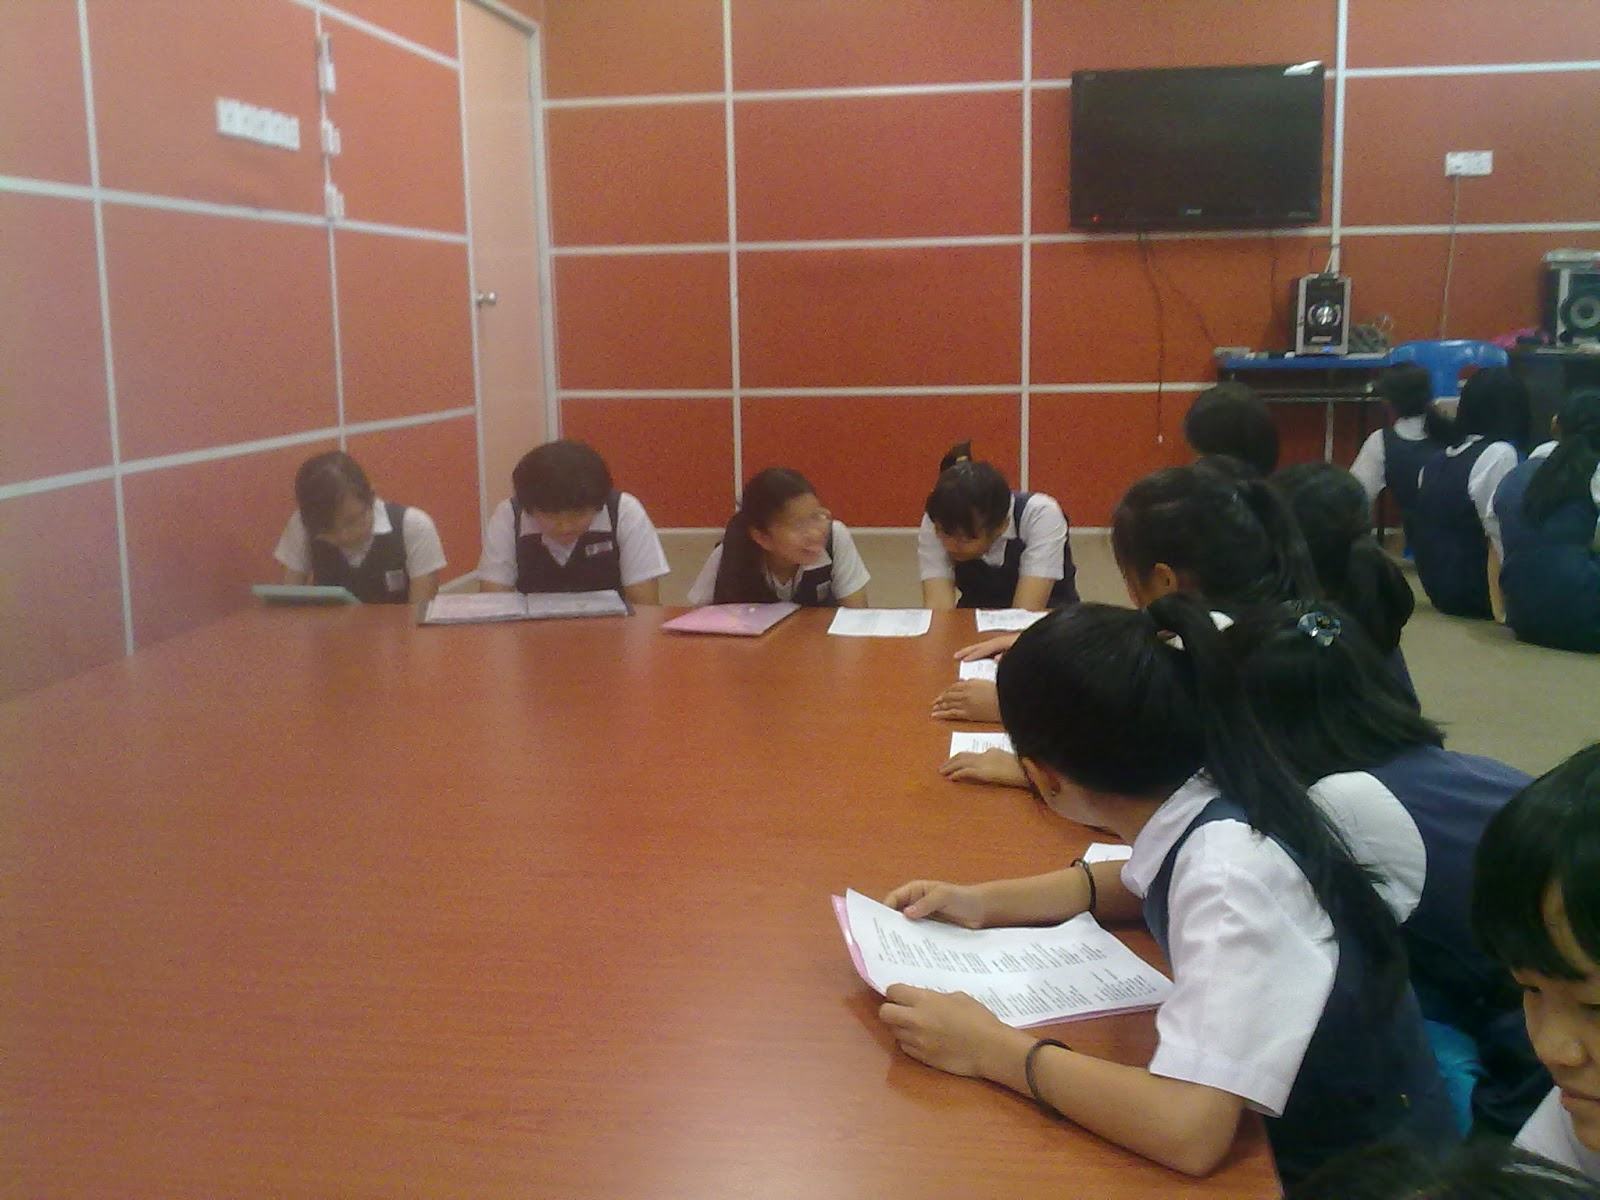 Murid-murid menyanyi sambil melihat lirik lagu.